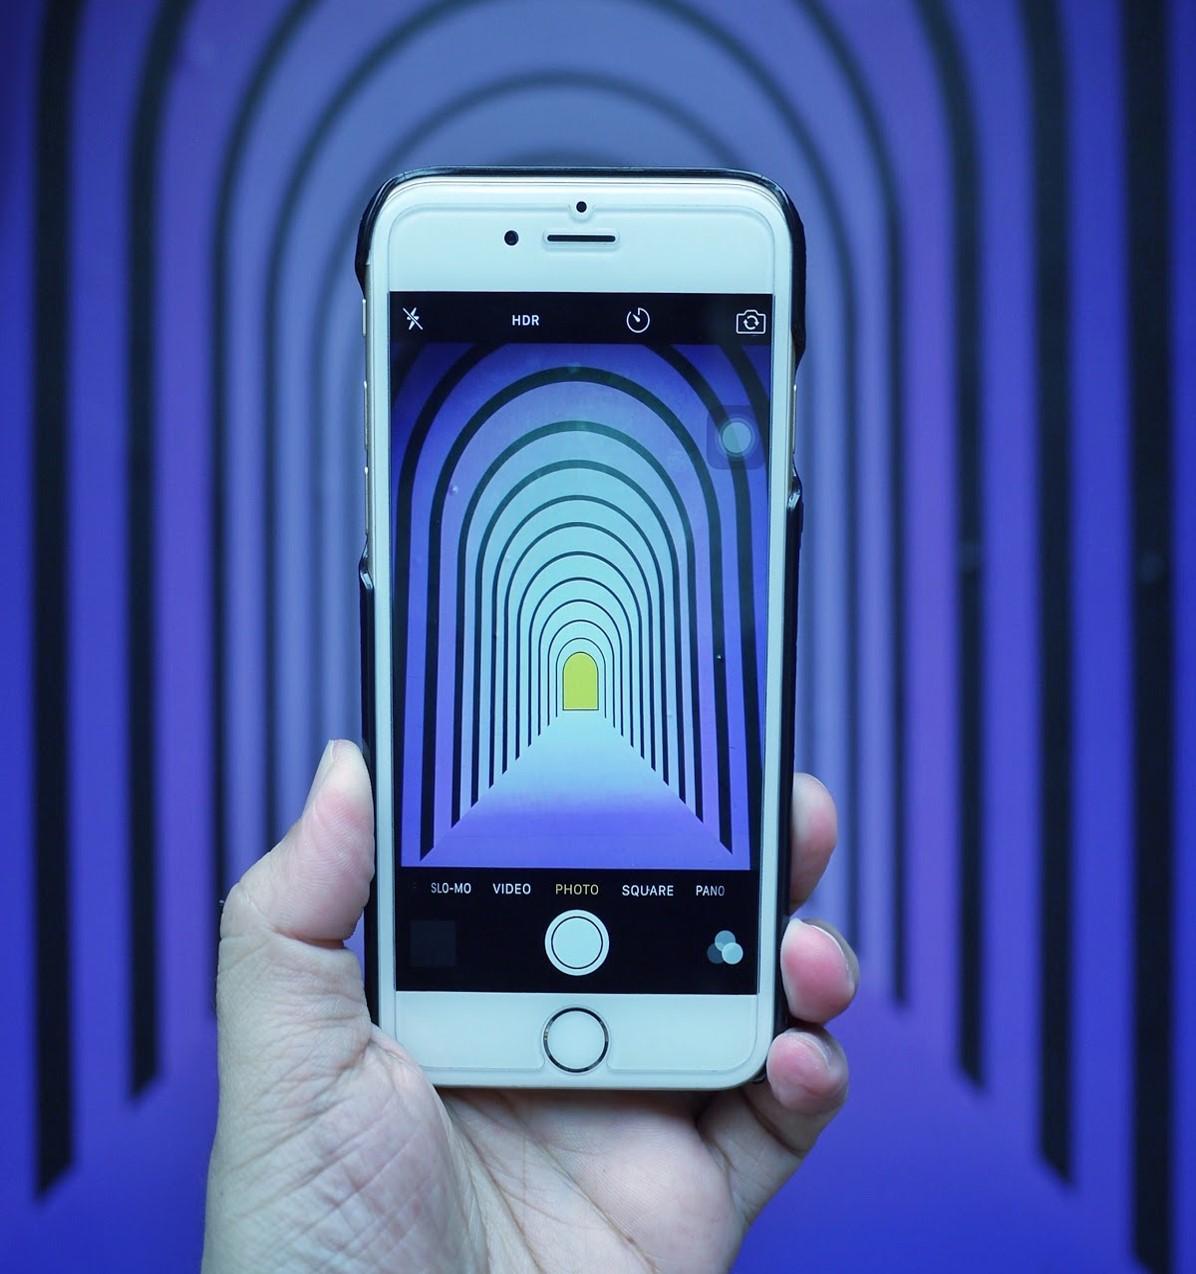 Iphone em uma mão, com tela muito colorida - O ajuste ideal é aquele em que seus olhos ficam mais confortáveis. (Fonte: Unsplash)